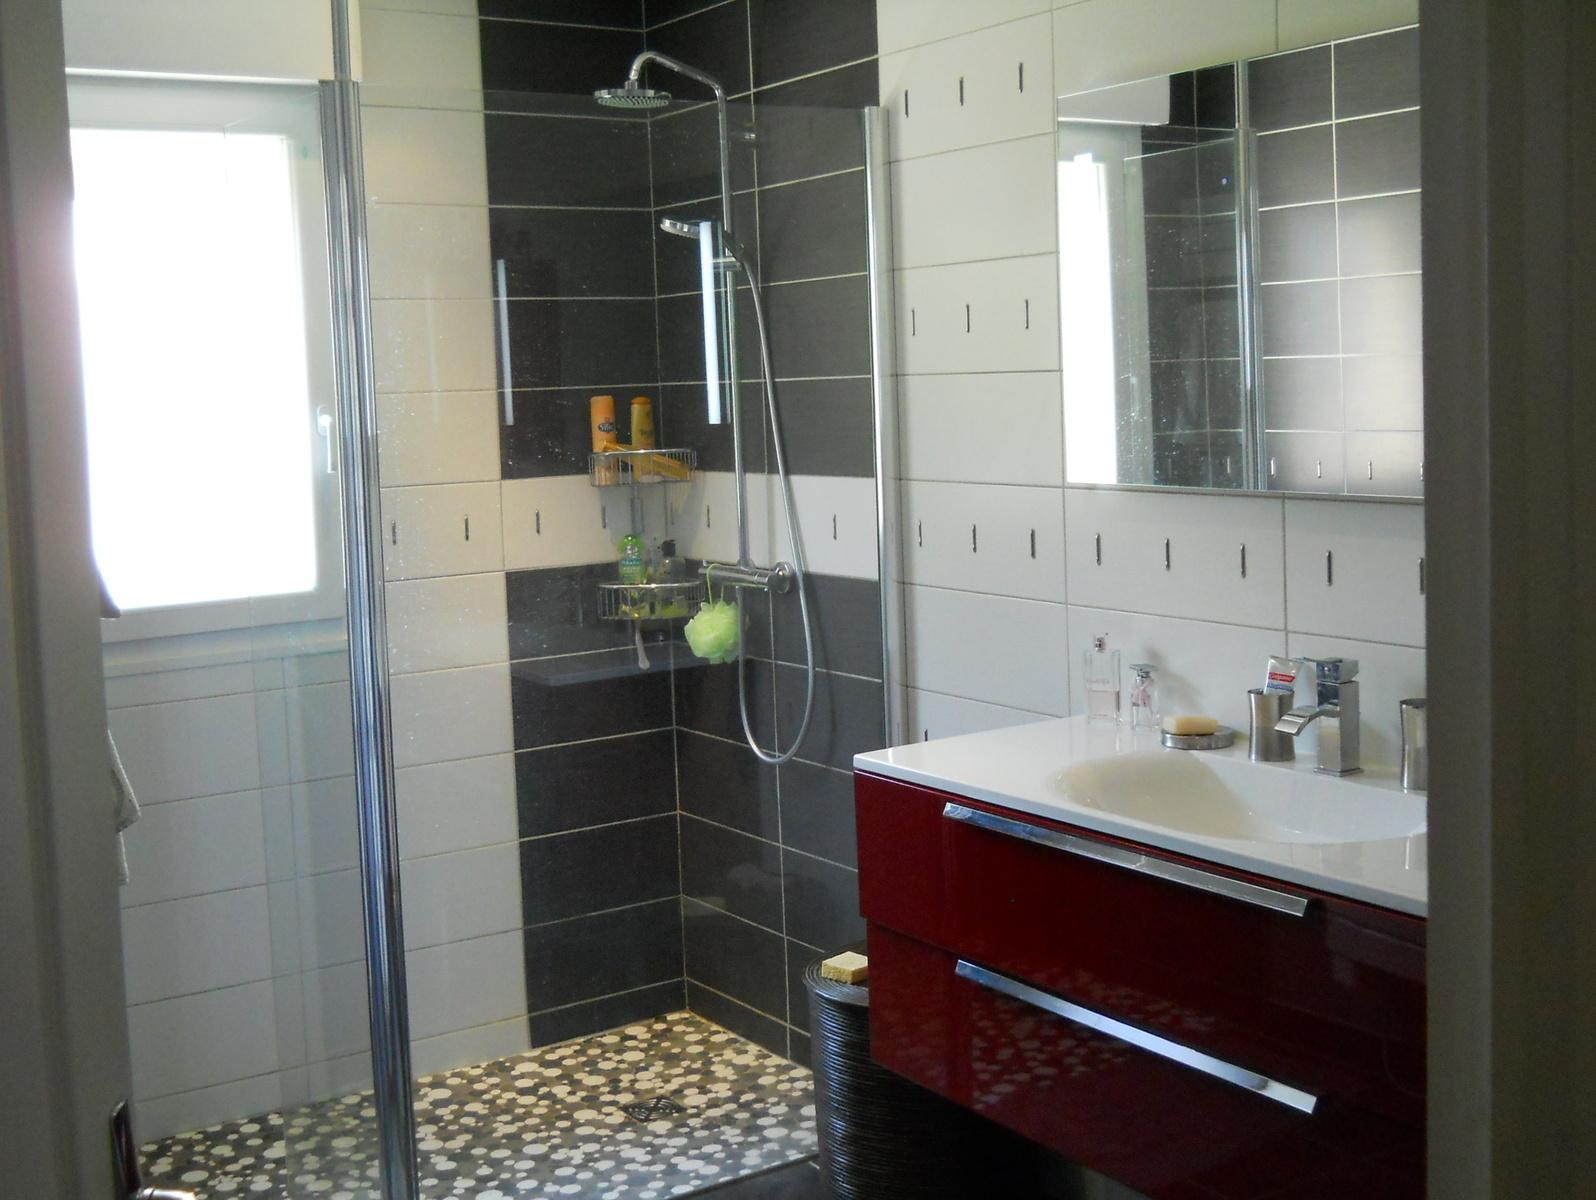 Travaux Salle De Bain Tva ~ r novation salle de bains coutances am nagement pmr gilles guenier